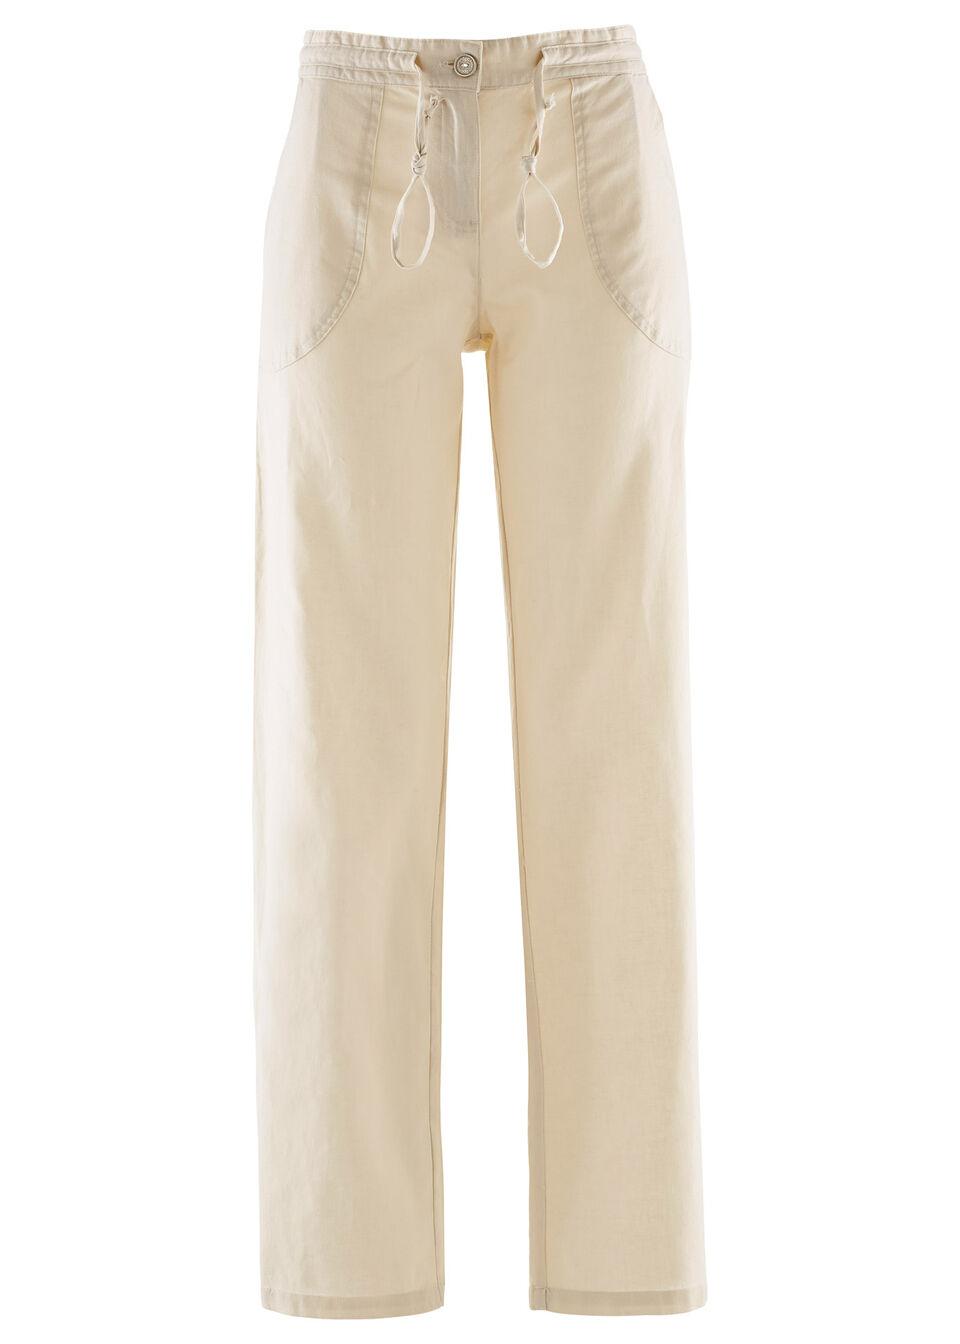 27c525ea31f Льняные брюки с широкими брючинами светлый камыш • 599.0 грн • bonprix